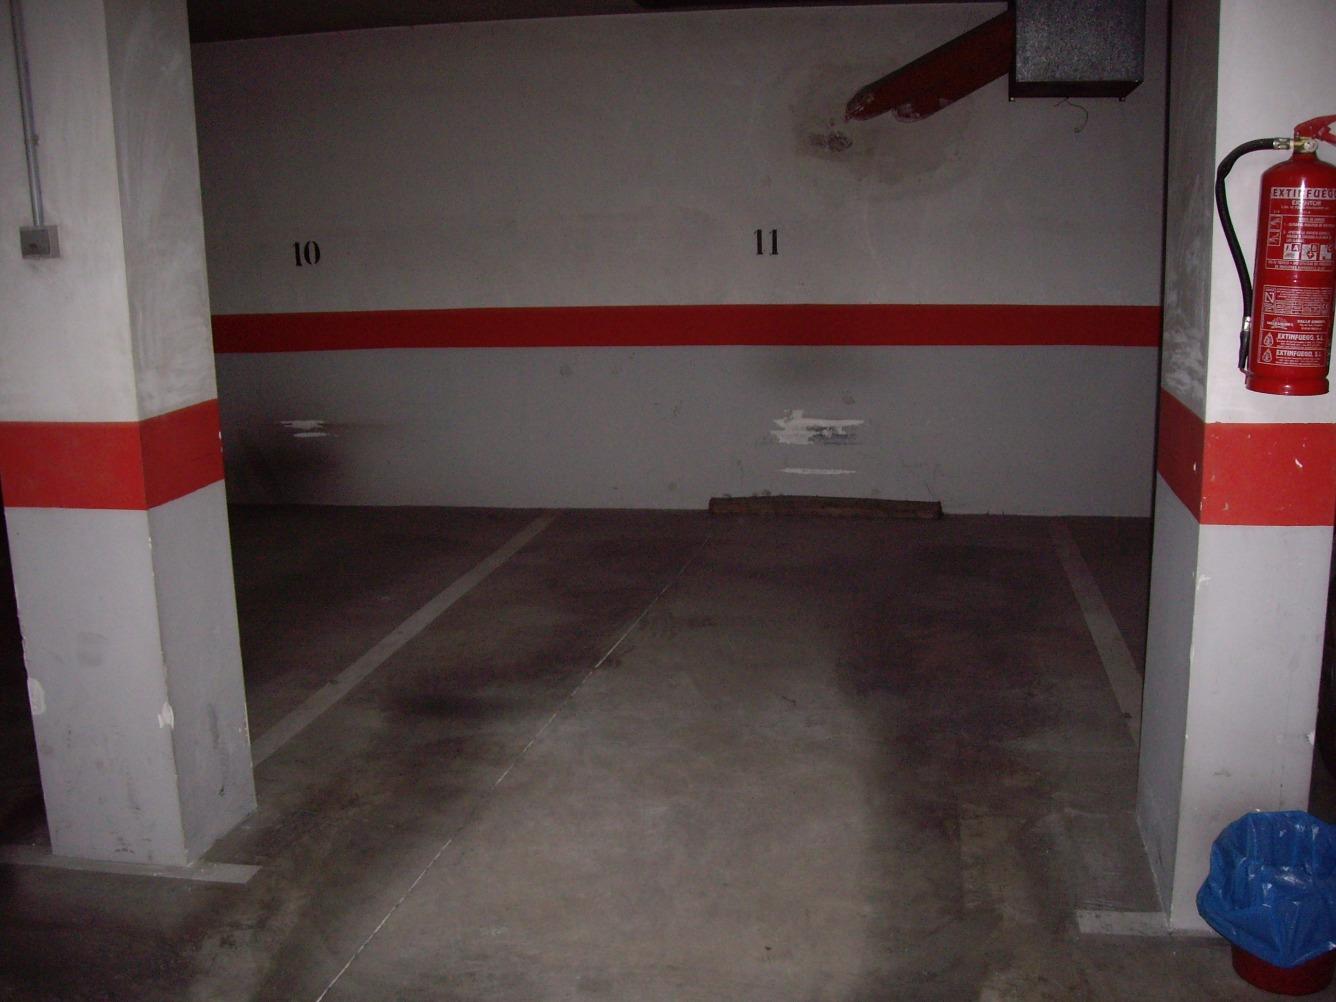 Alquiler Parking coche  San vicente del raspeig / sant vicent del raspeig - centro